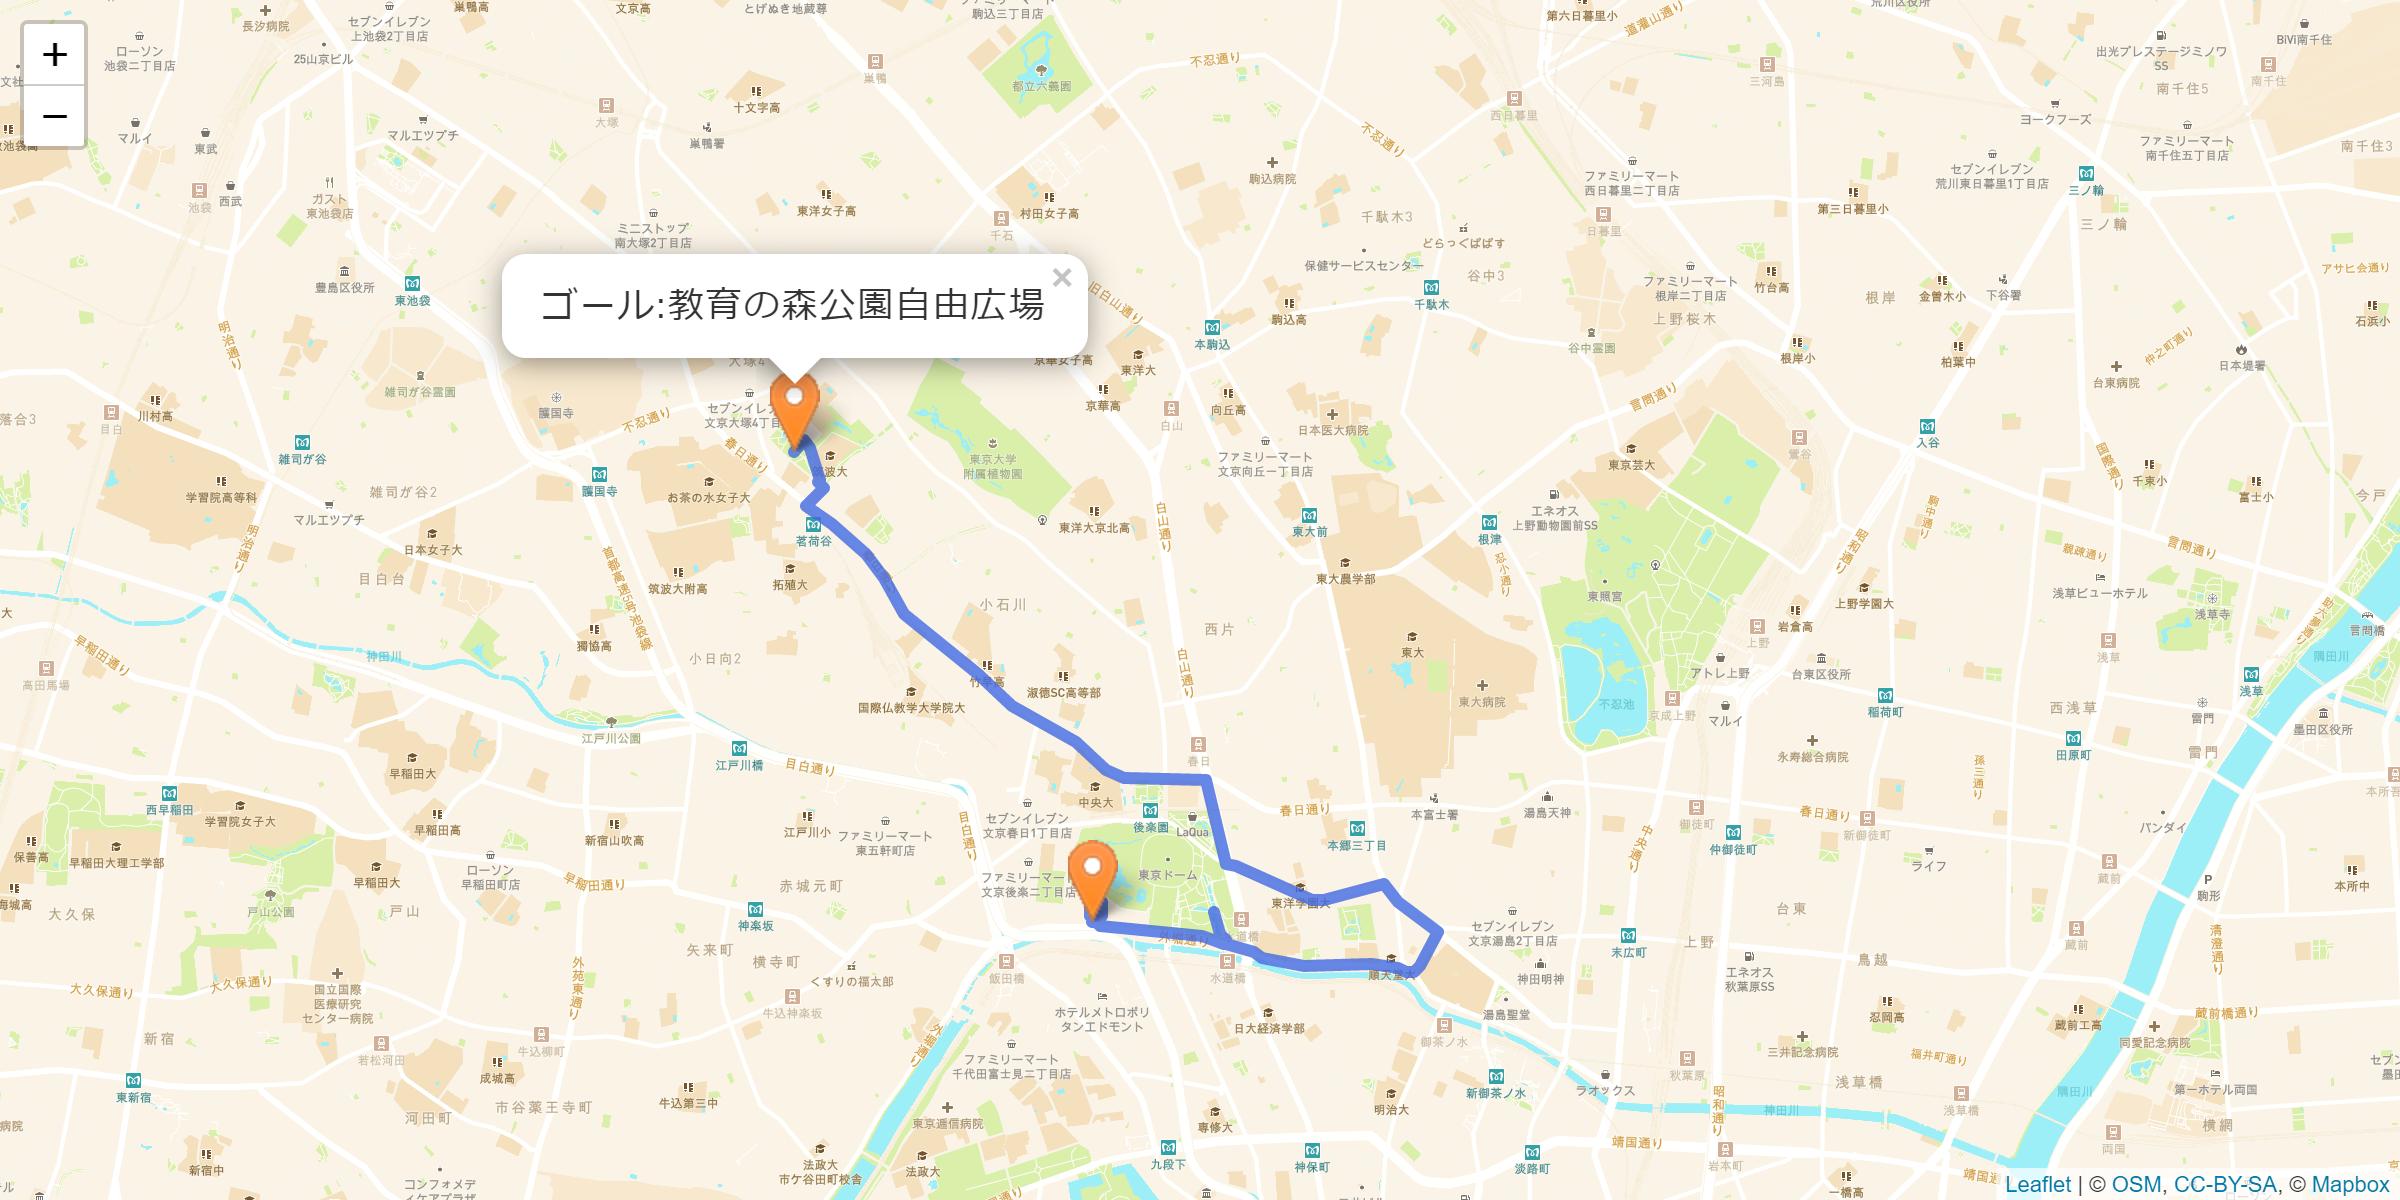 文京区 聖火リレーの詳細